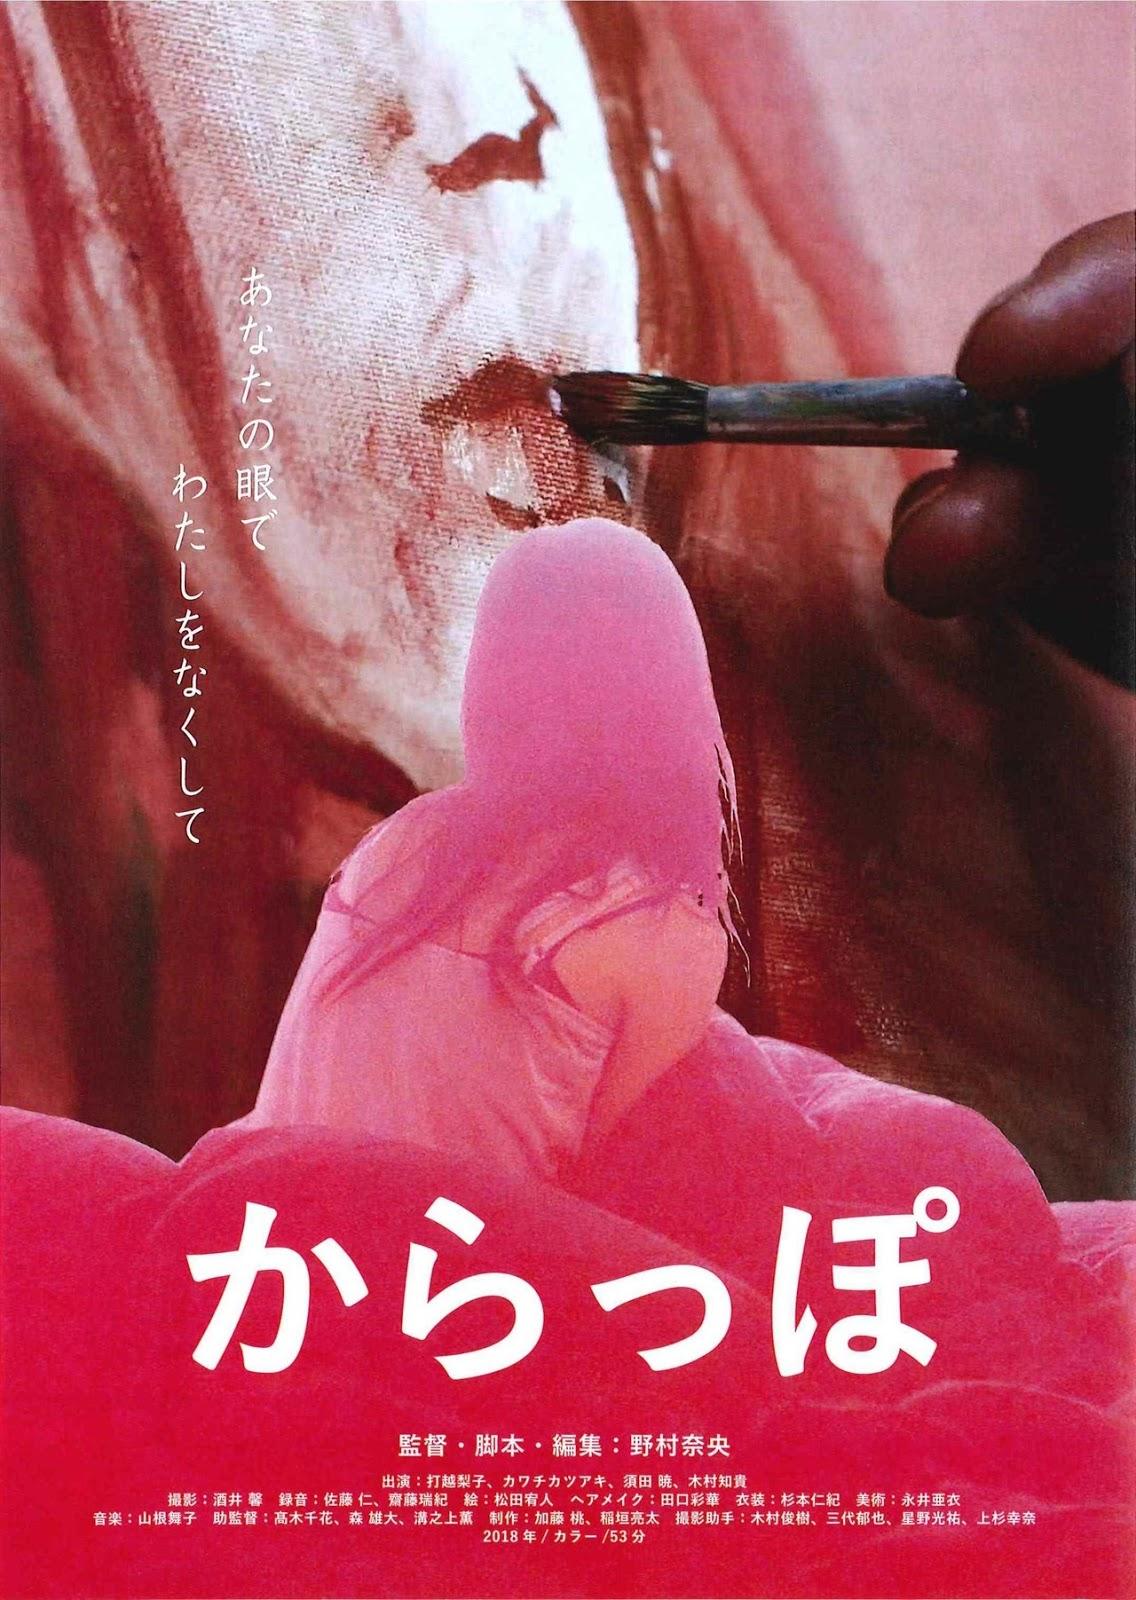 Karappo - Nao Nomura